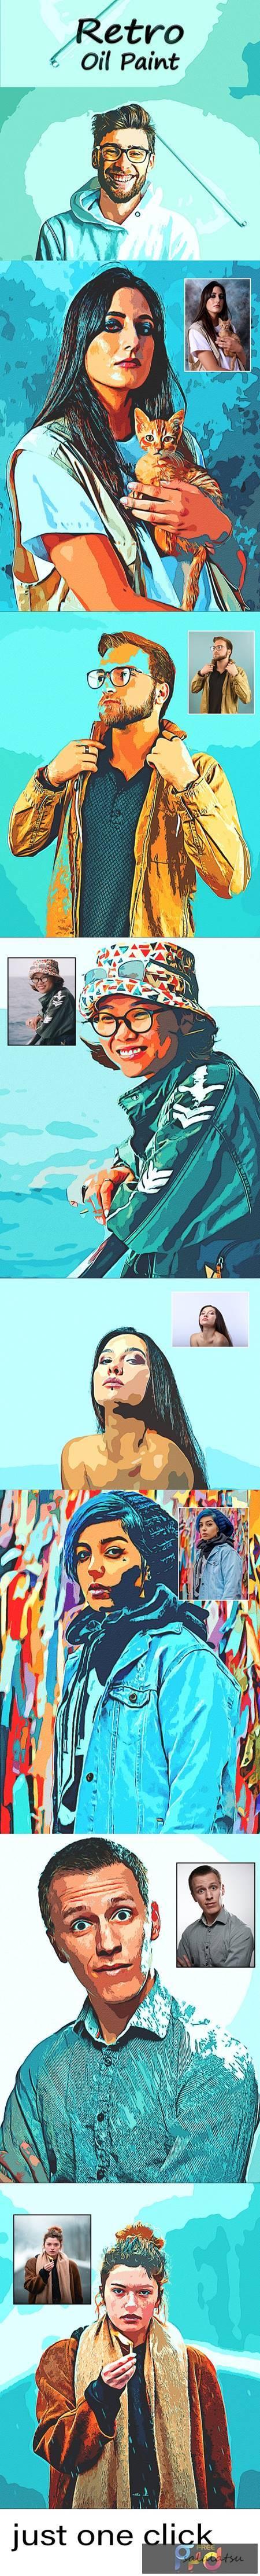 Retro Oil Paint - Photoshop Action 30503868 1